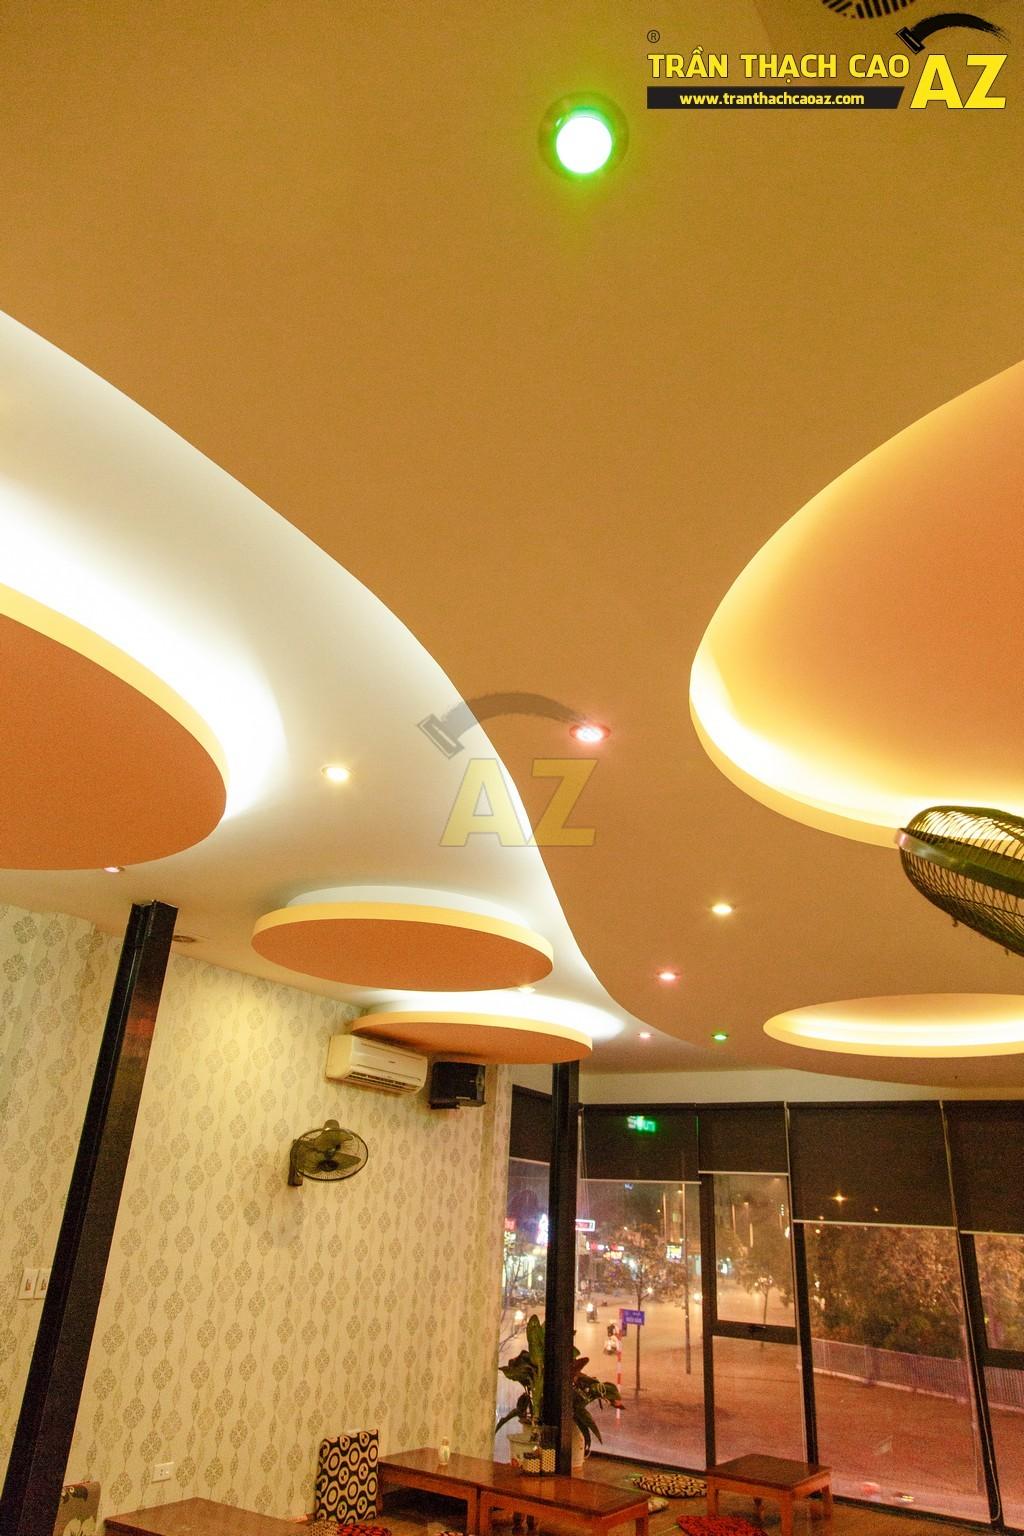 Like Coffee bắt mắt với thiết kế đường cong táo bạo của trần thạch cao - 08